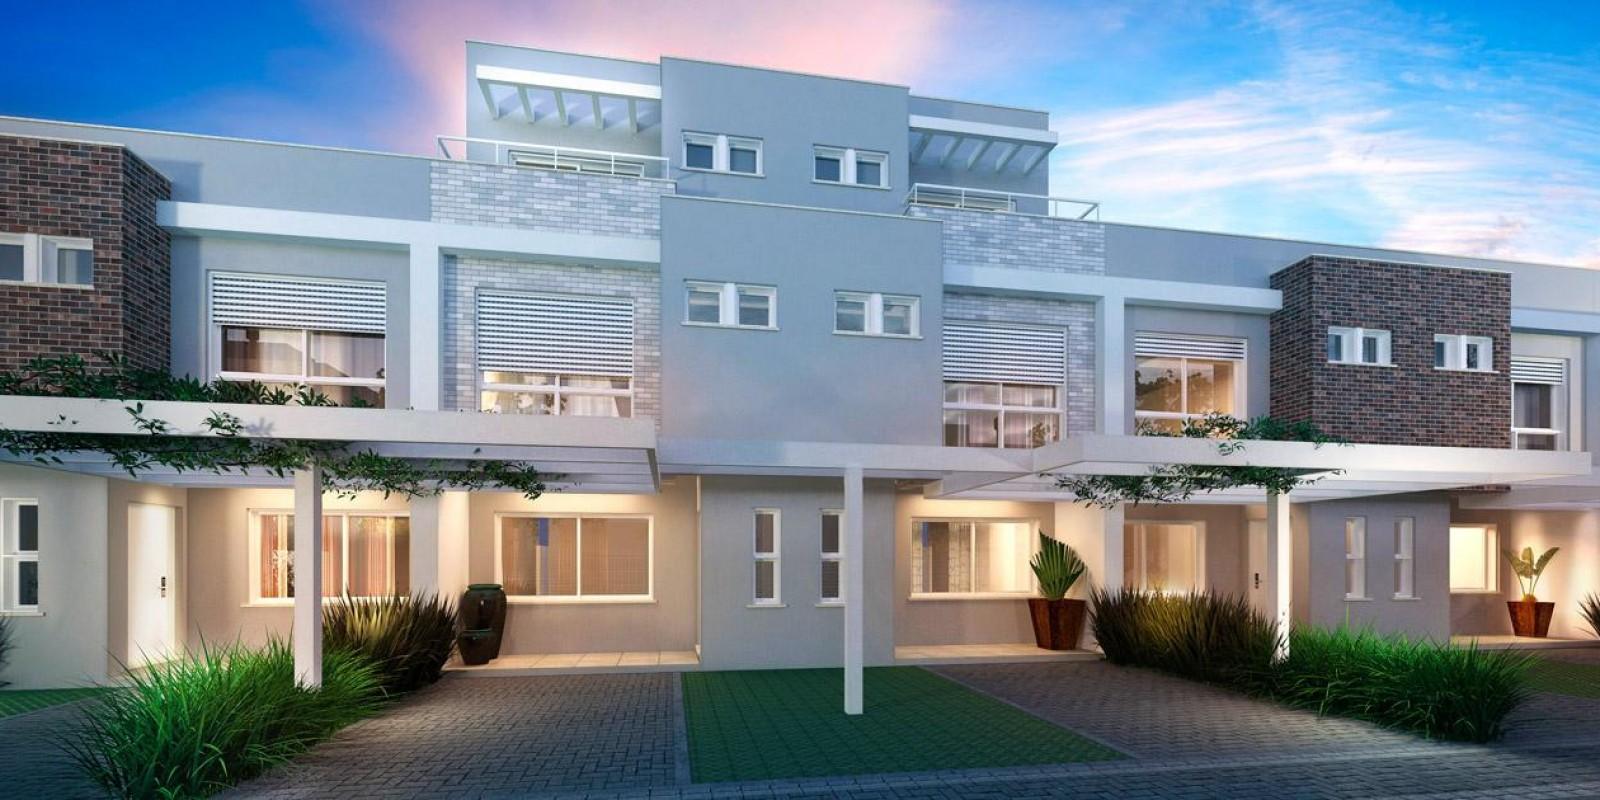 TPS Imóveis apresenta Casa Em Condomínio Fechado Em Porto Alegre! Excelente imóvel a venda em Porto Alegre